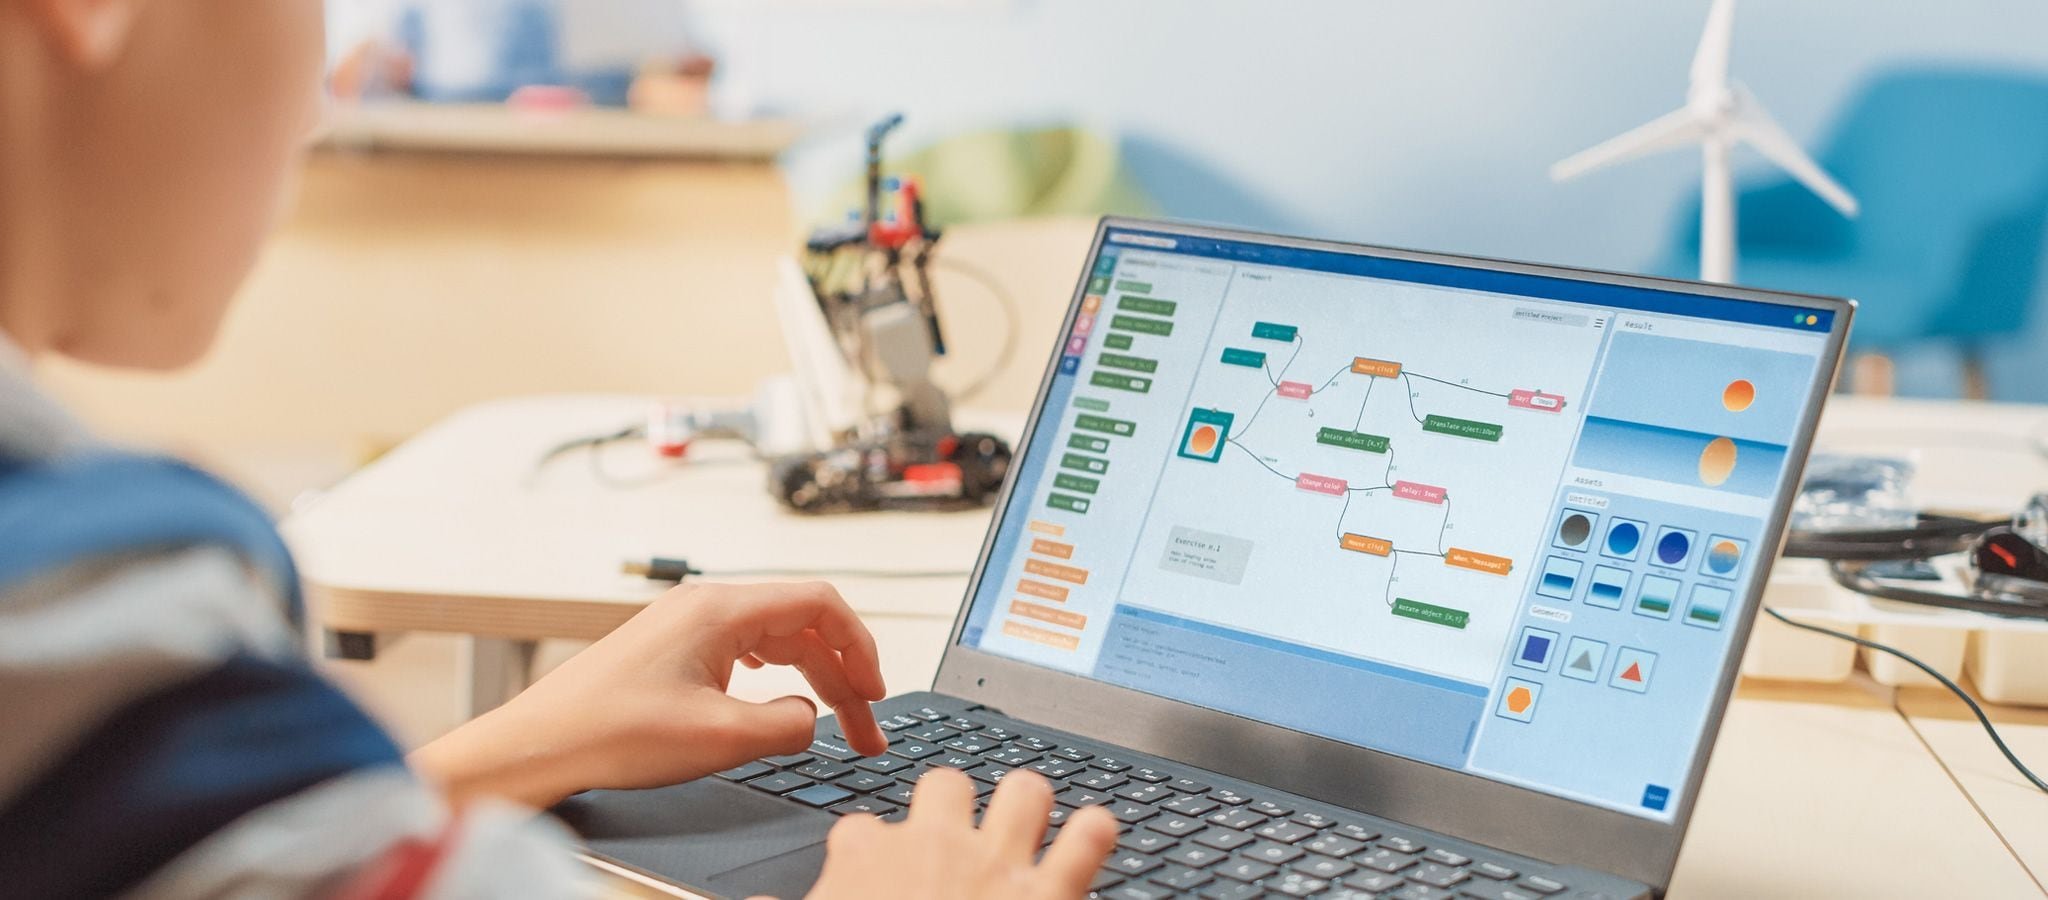 独学?習う?プログラミング授業の準備と現実